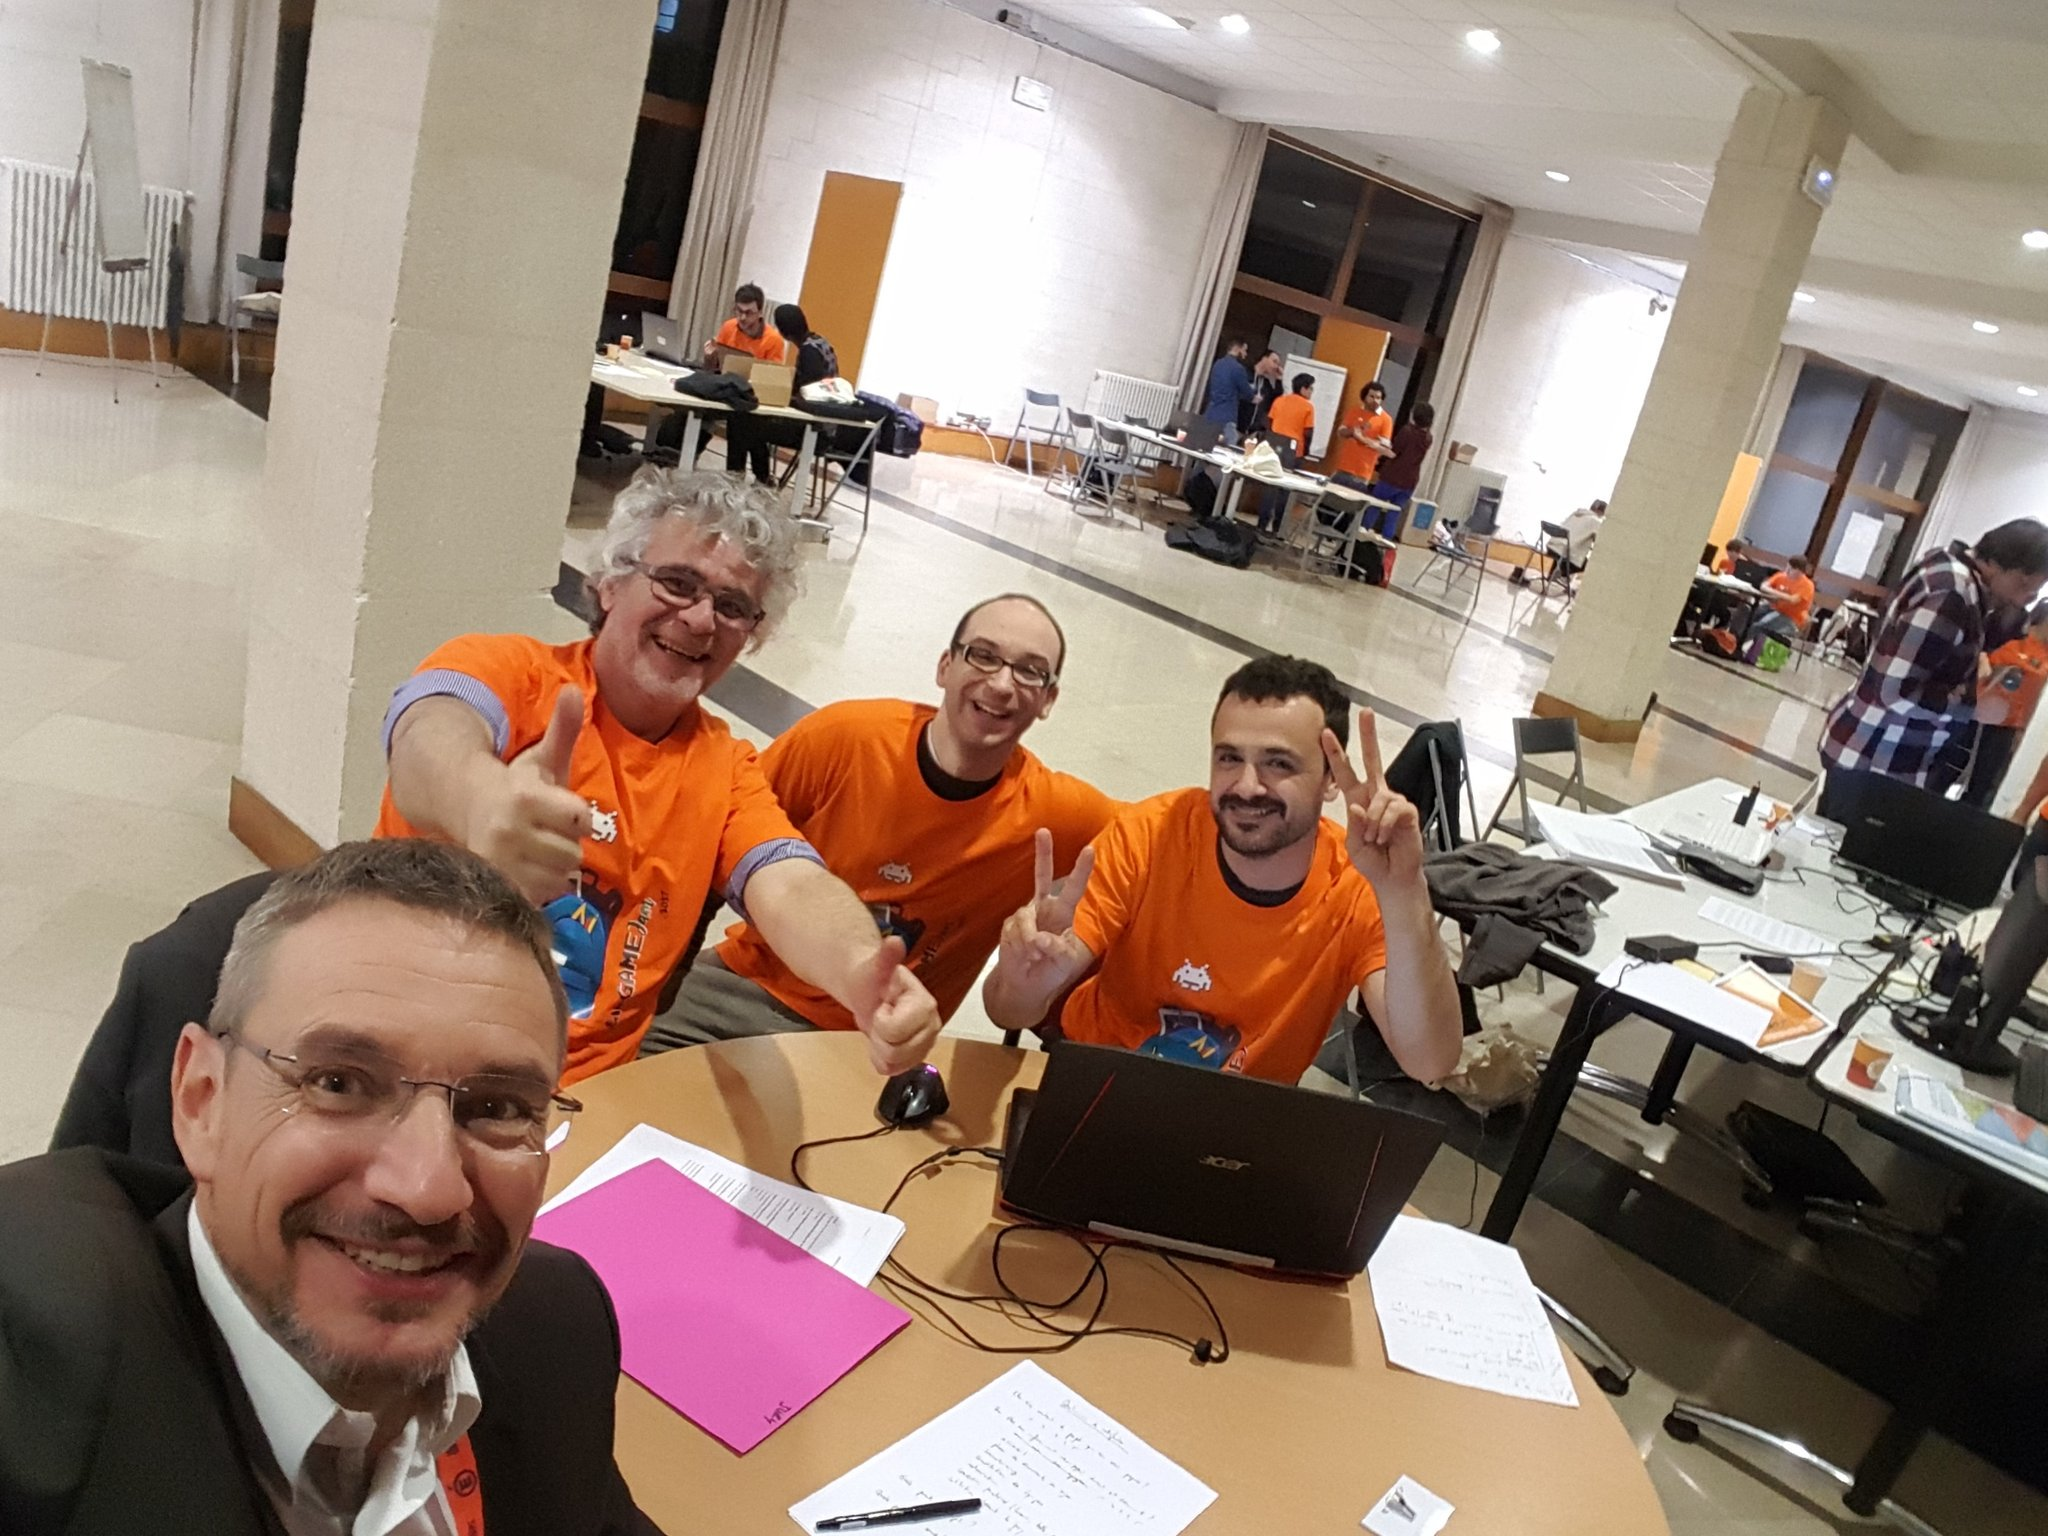 Le comité d'organisation #edugamejam_fr avec @Ludoscience @umontpellier @acmontpellier #EcoleNumerique https://t.co/YsJIkKwTQk